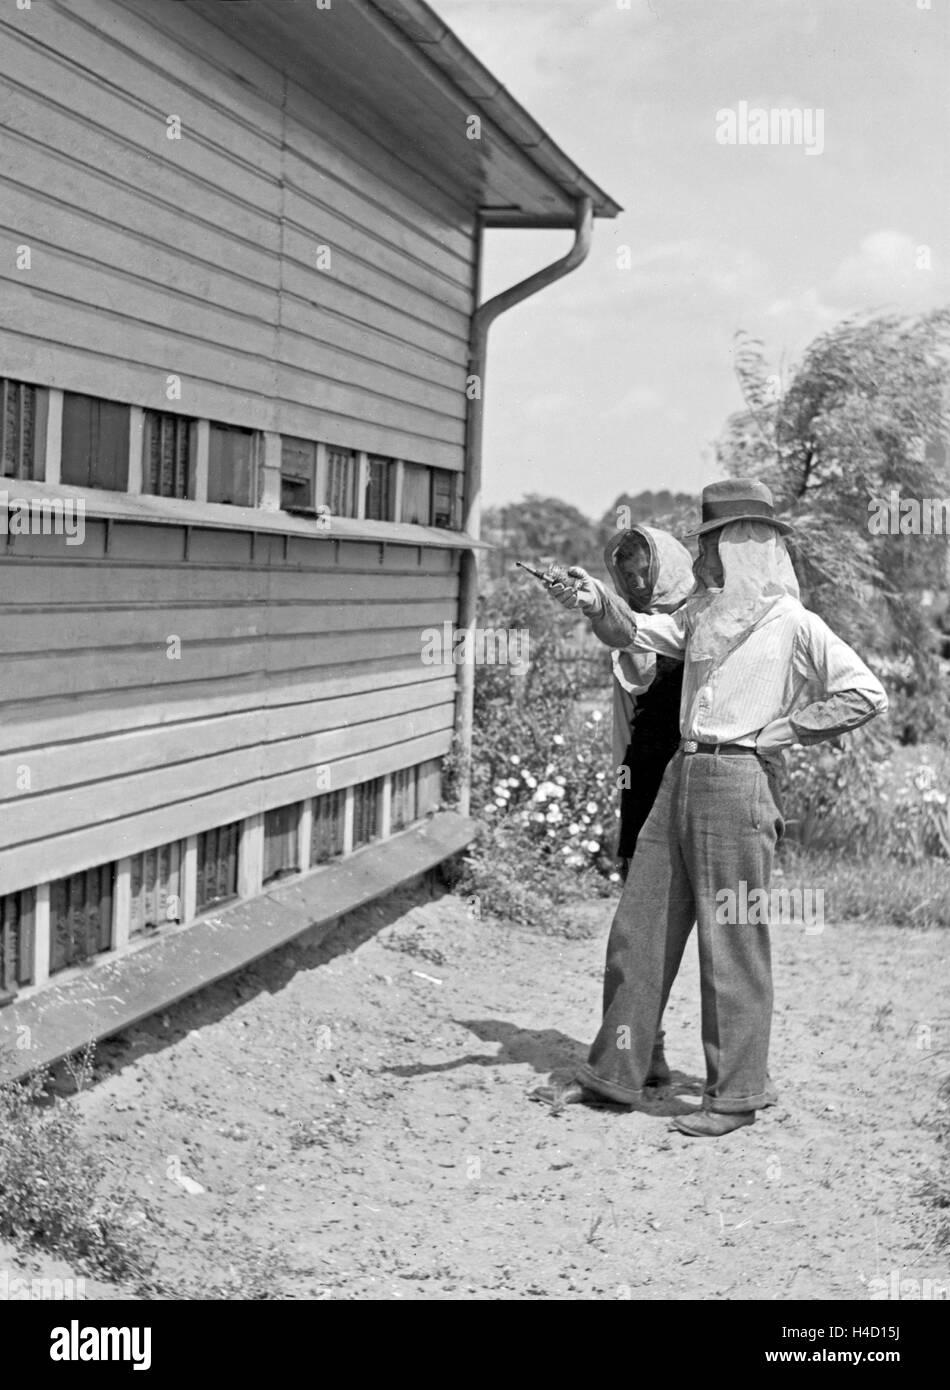 Zwei Imker Stehen in Schutzkleidung Vor Dachmarke Bienenstock, 1930er Jahre Deutschland. Zwei Imker in Protectitve Stockbild